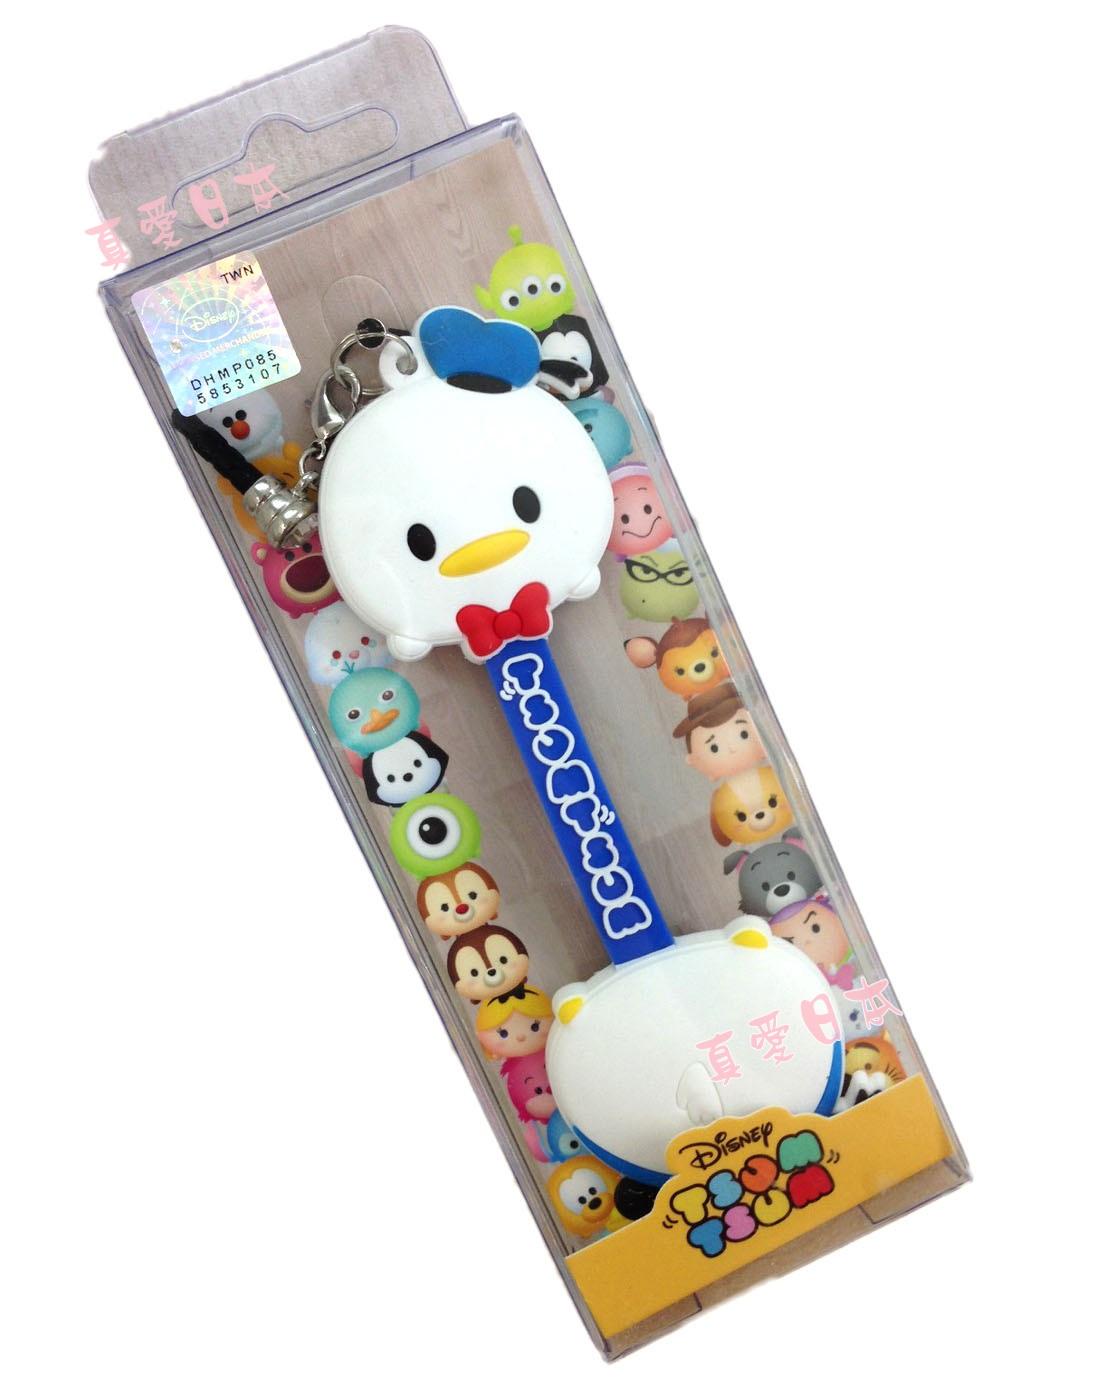 【真愛日本】16072200008吊飾捲線器-唐老鴨    迪士尼  Donald Duck  唐老鴨   耳機集線器 收線器 正品